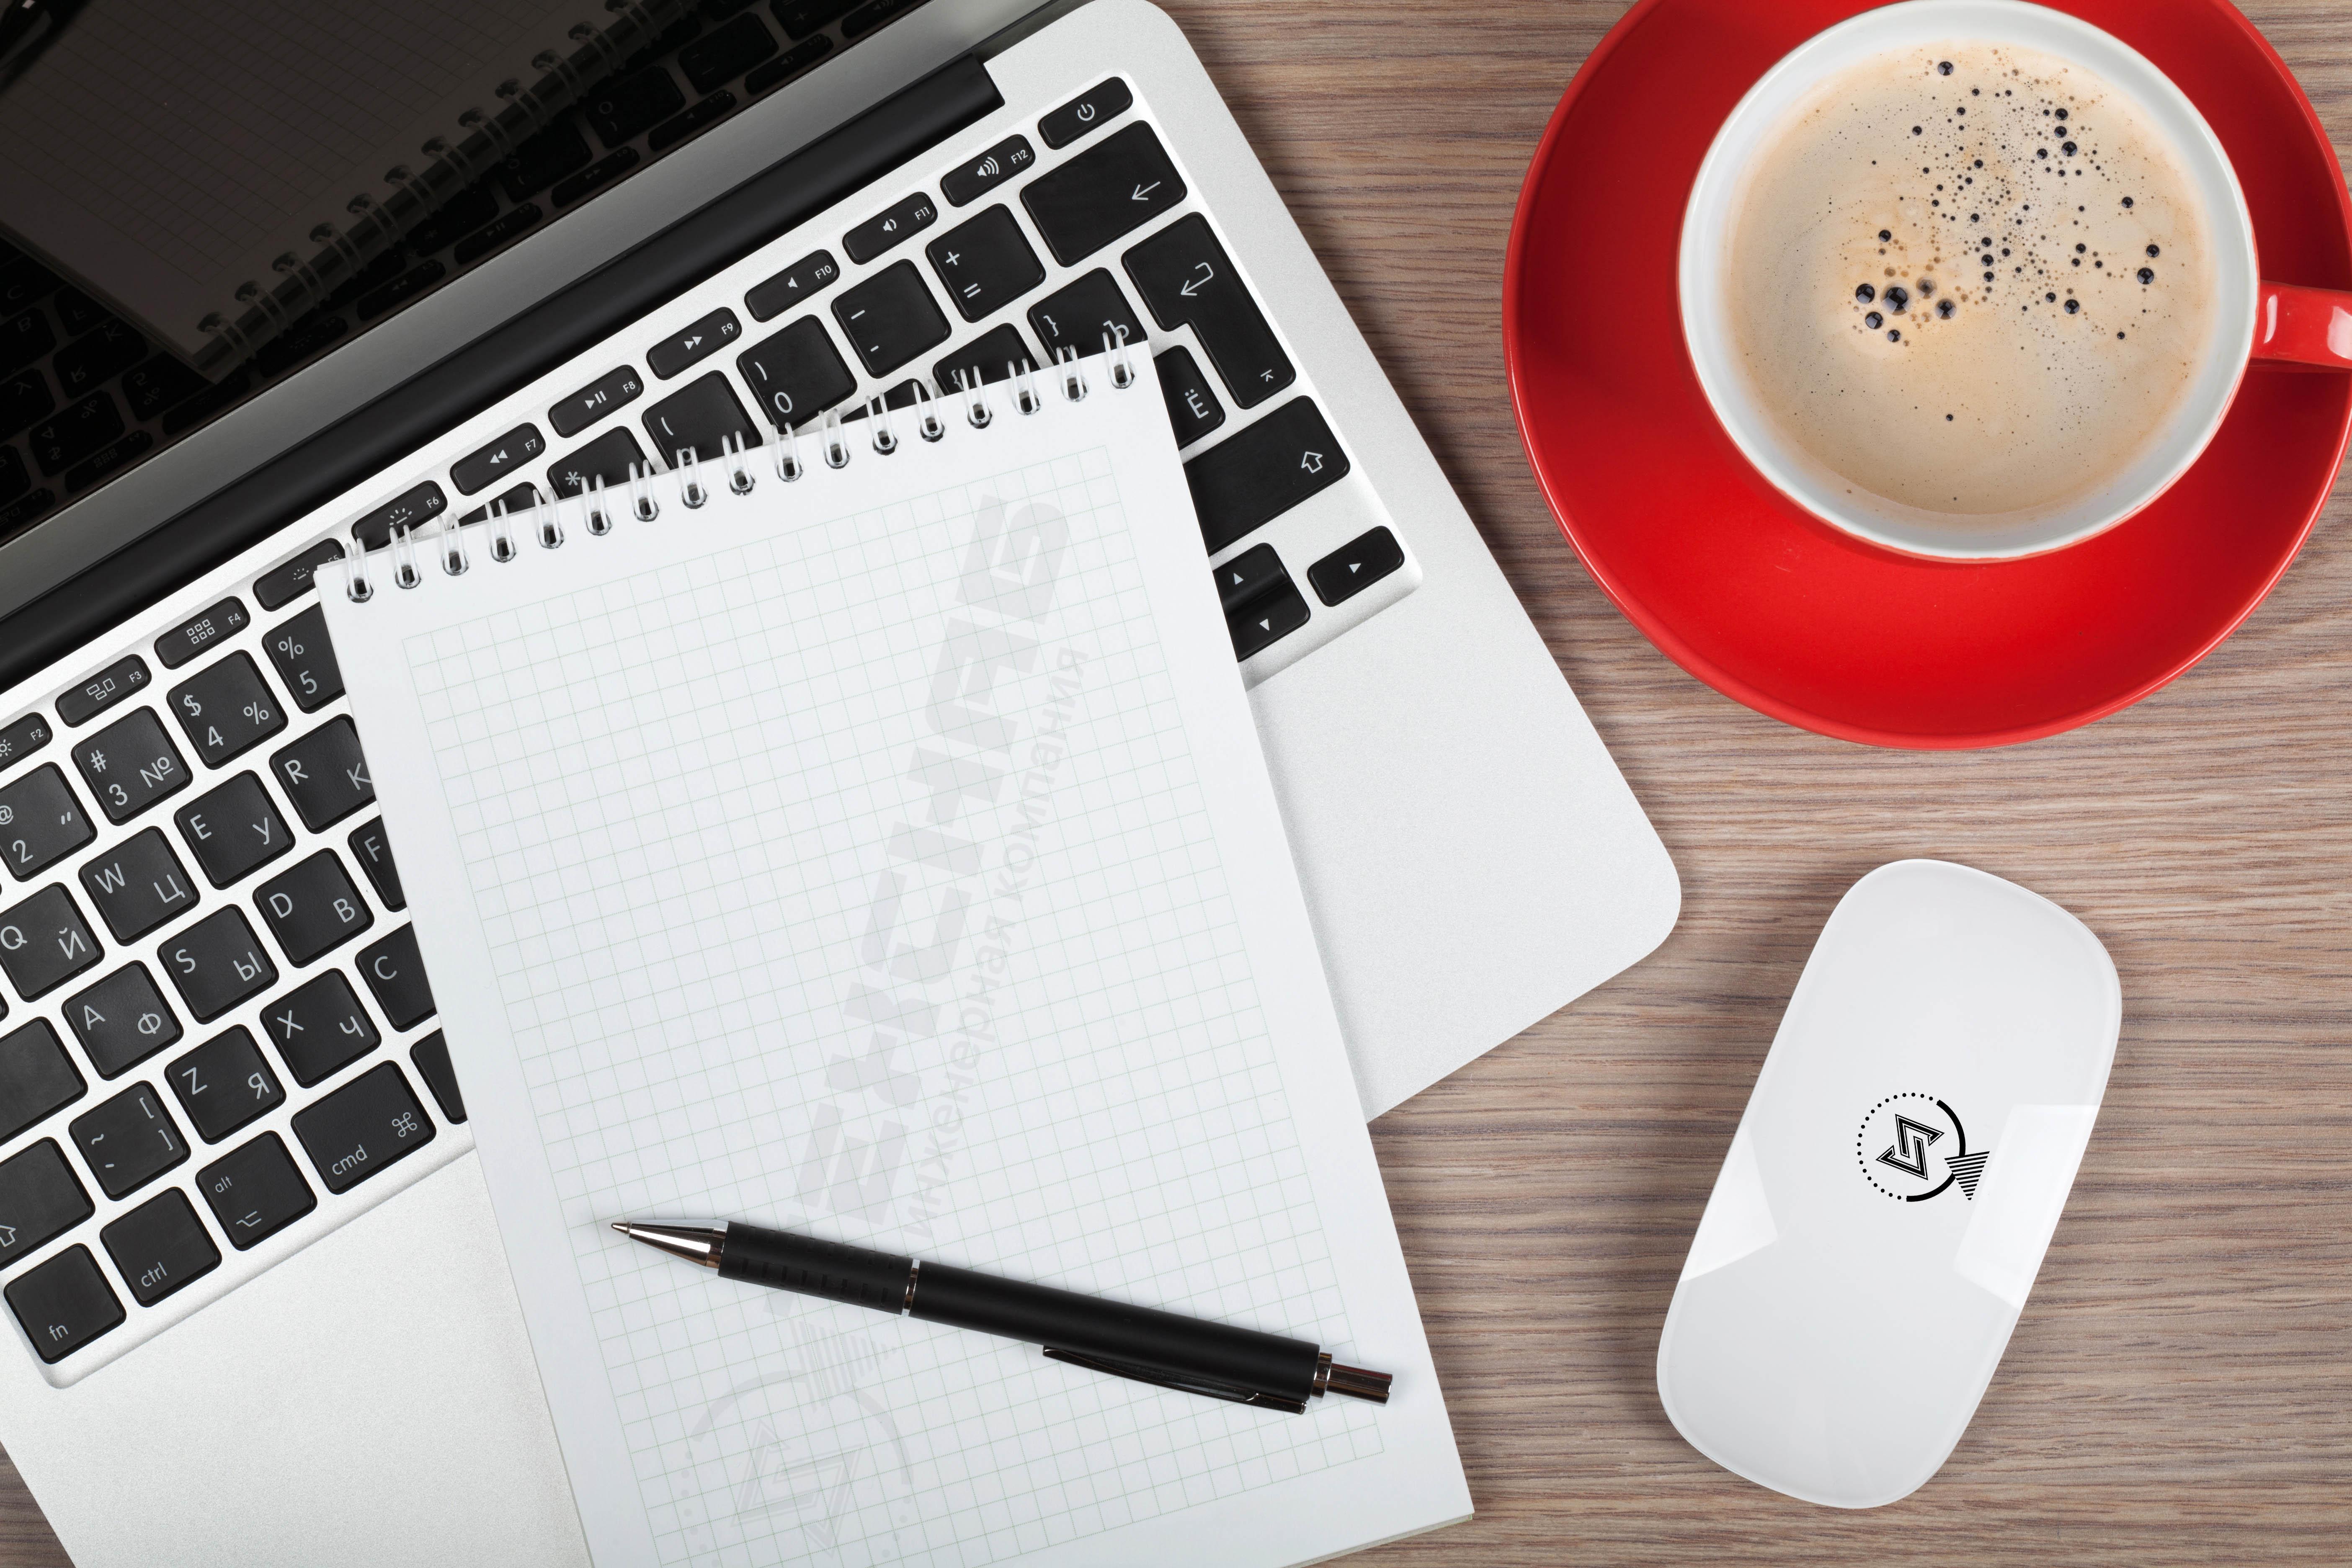 Разработка логотипа и фирм. стиля компании  ТЕХСНАБ фото f_0535b1eb4aa5ac2c.jpg